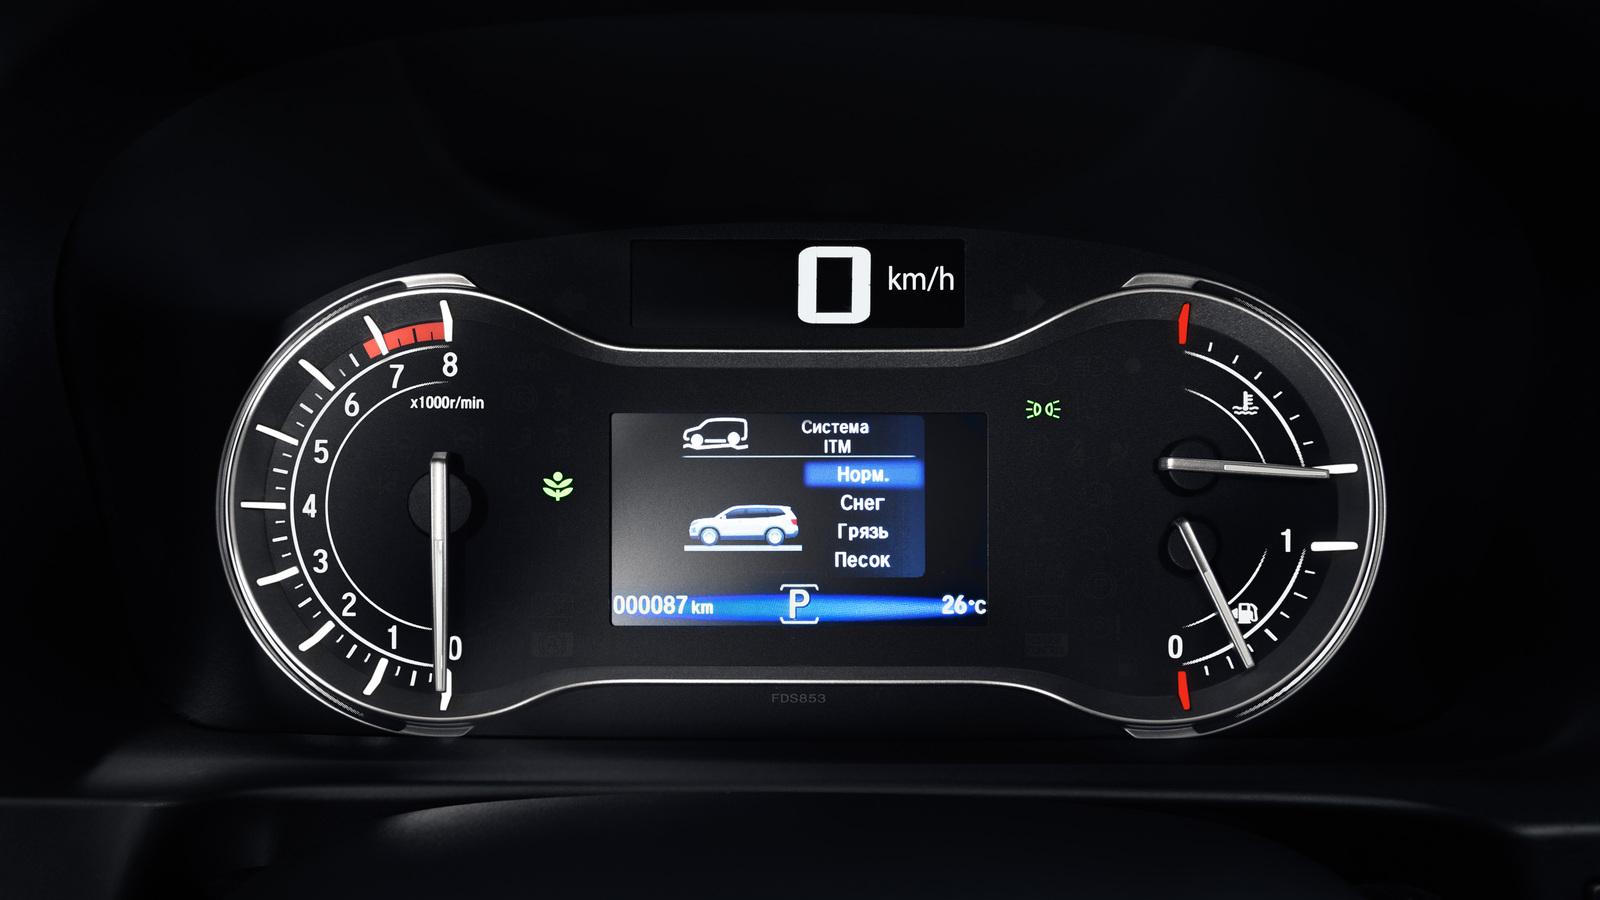 Тест-драйв Honda Pilot: все, что вы хотели знать о новом кроссовере